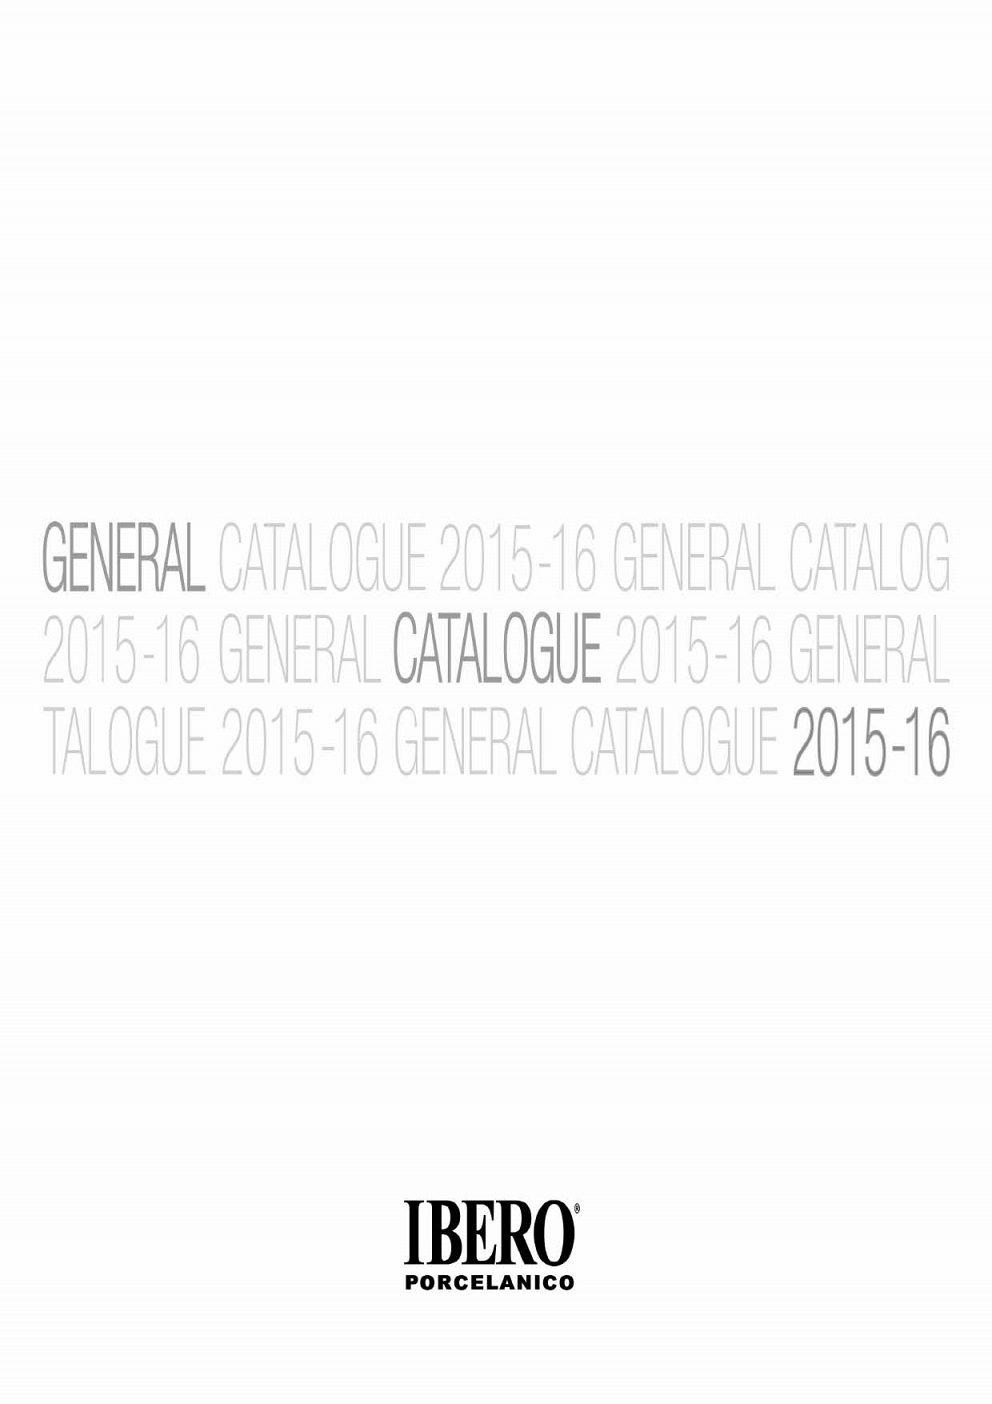 Ibero - generálny katalóg 2016